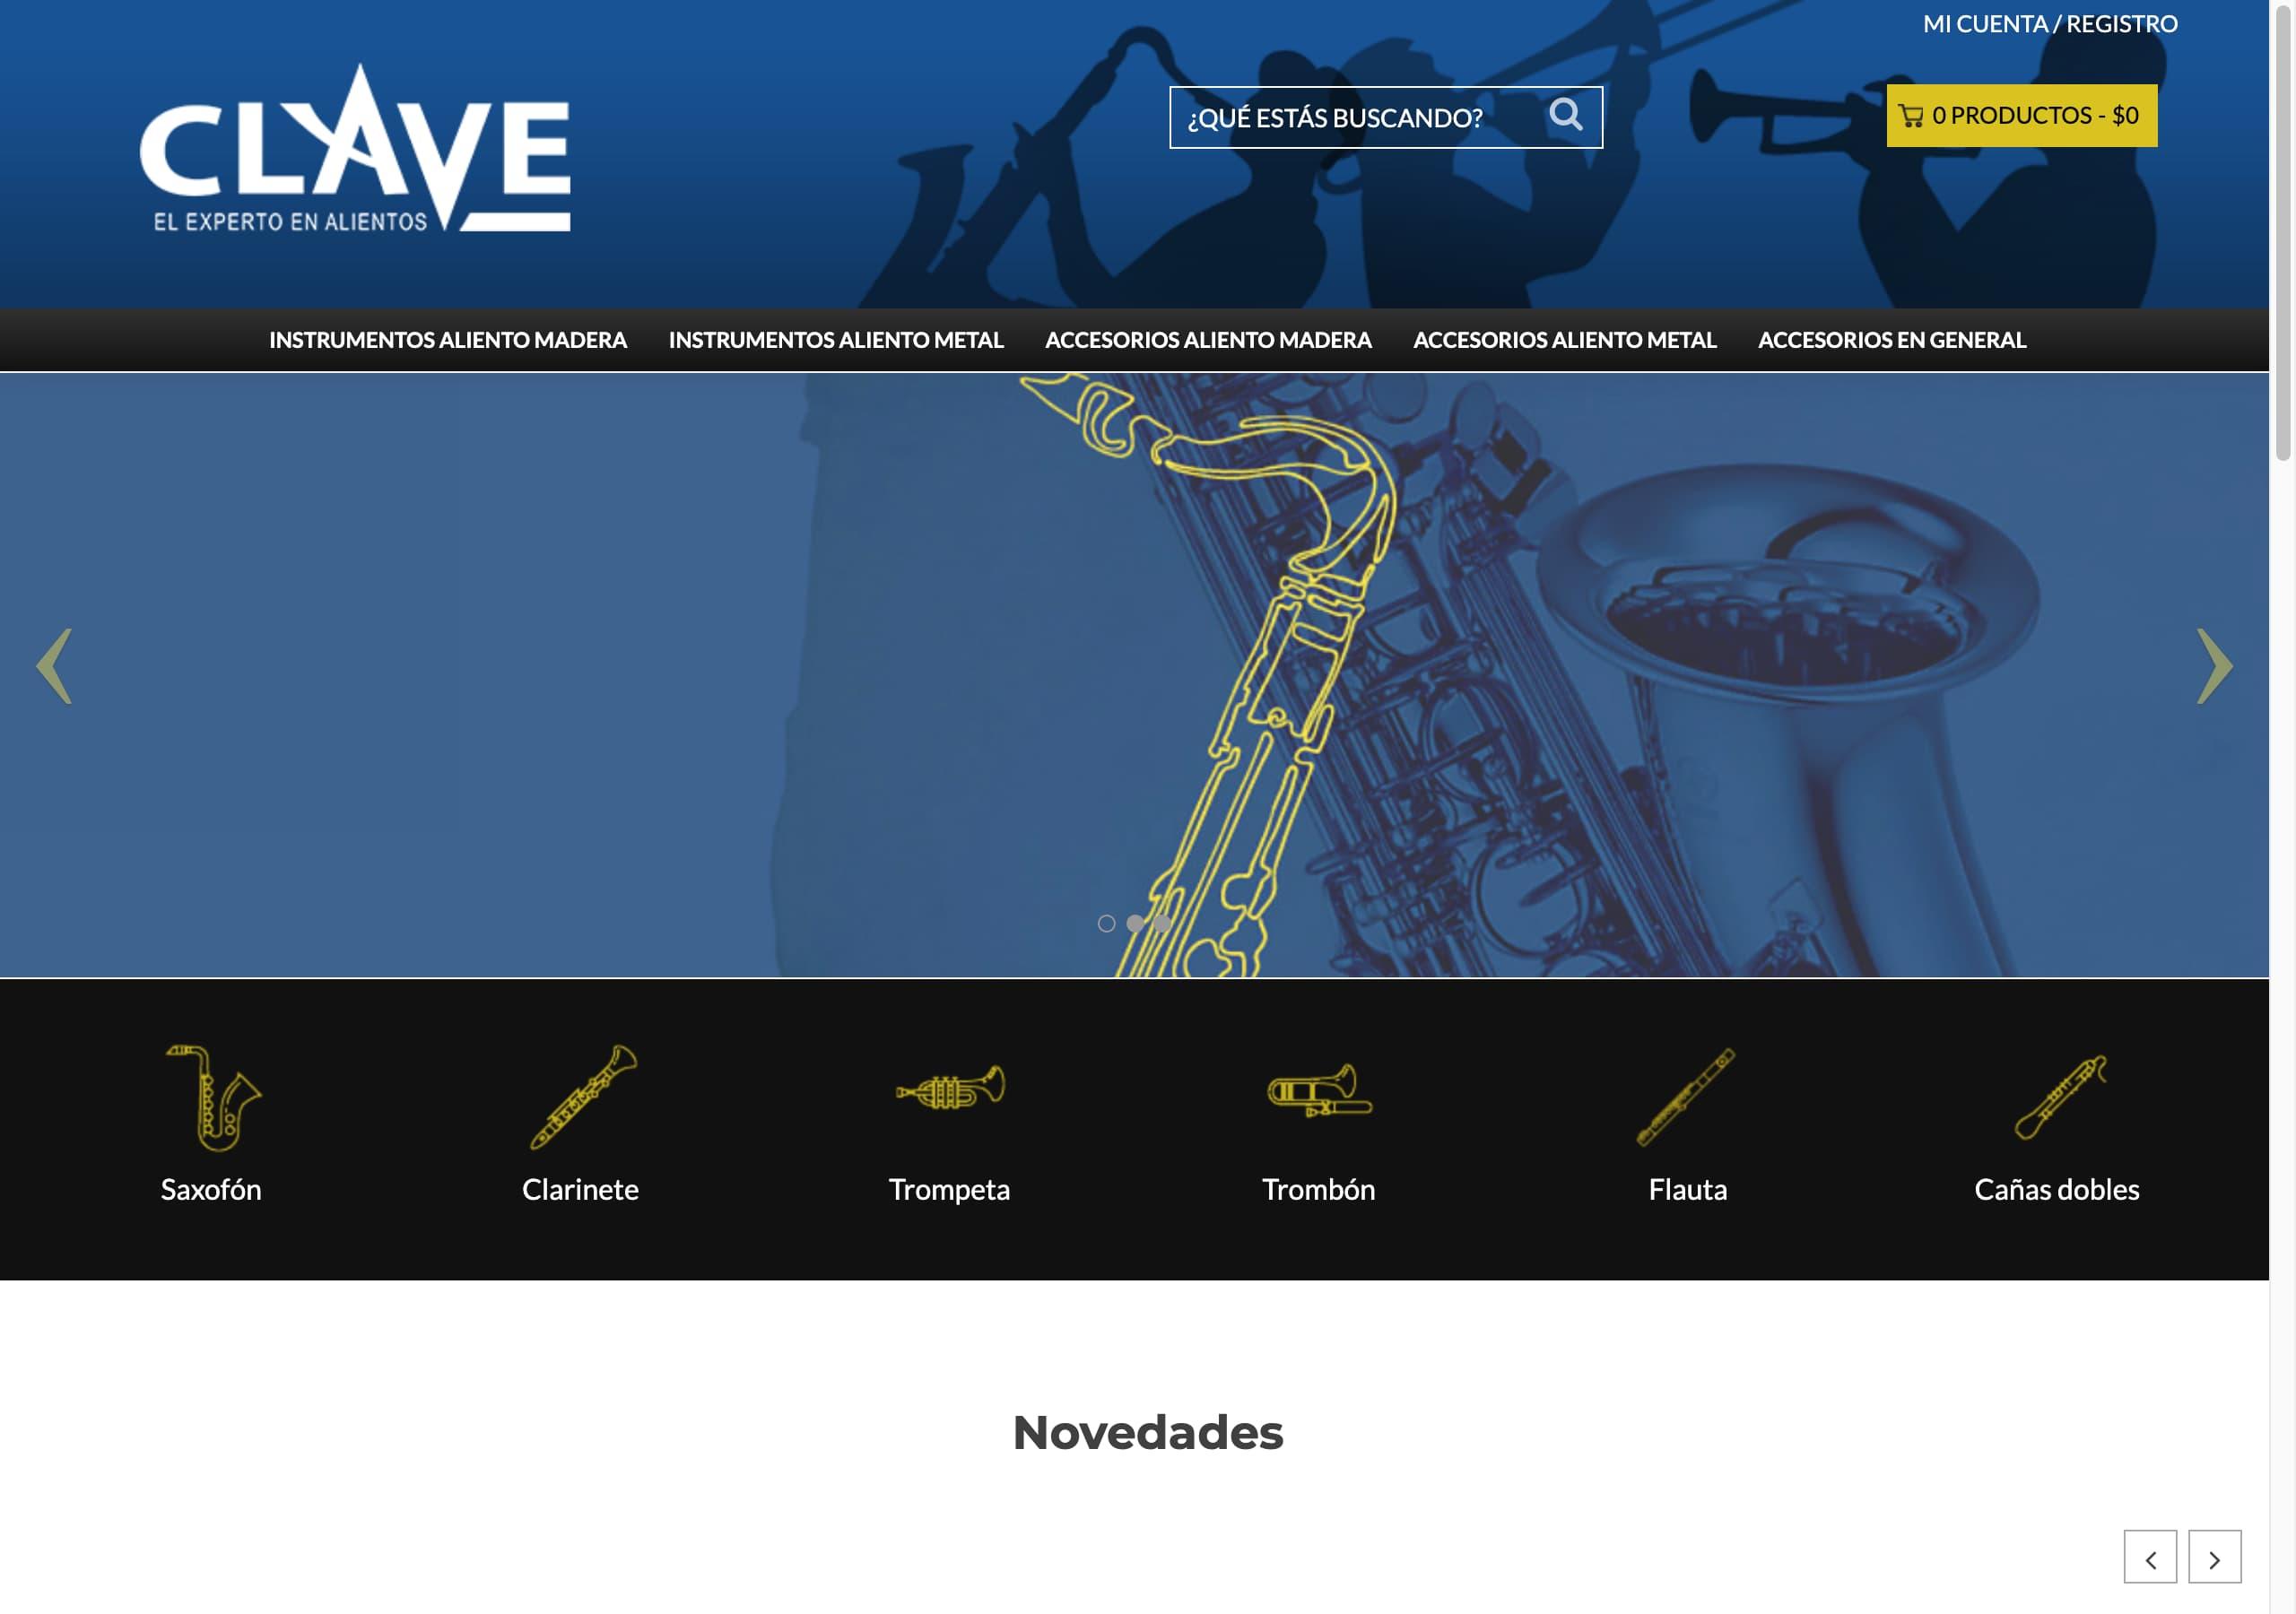 claveinstrumentos.com